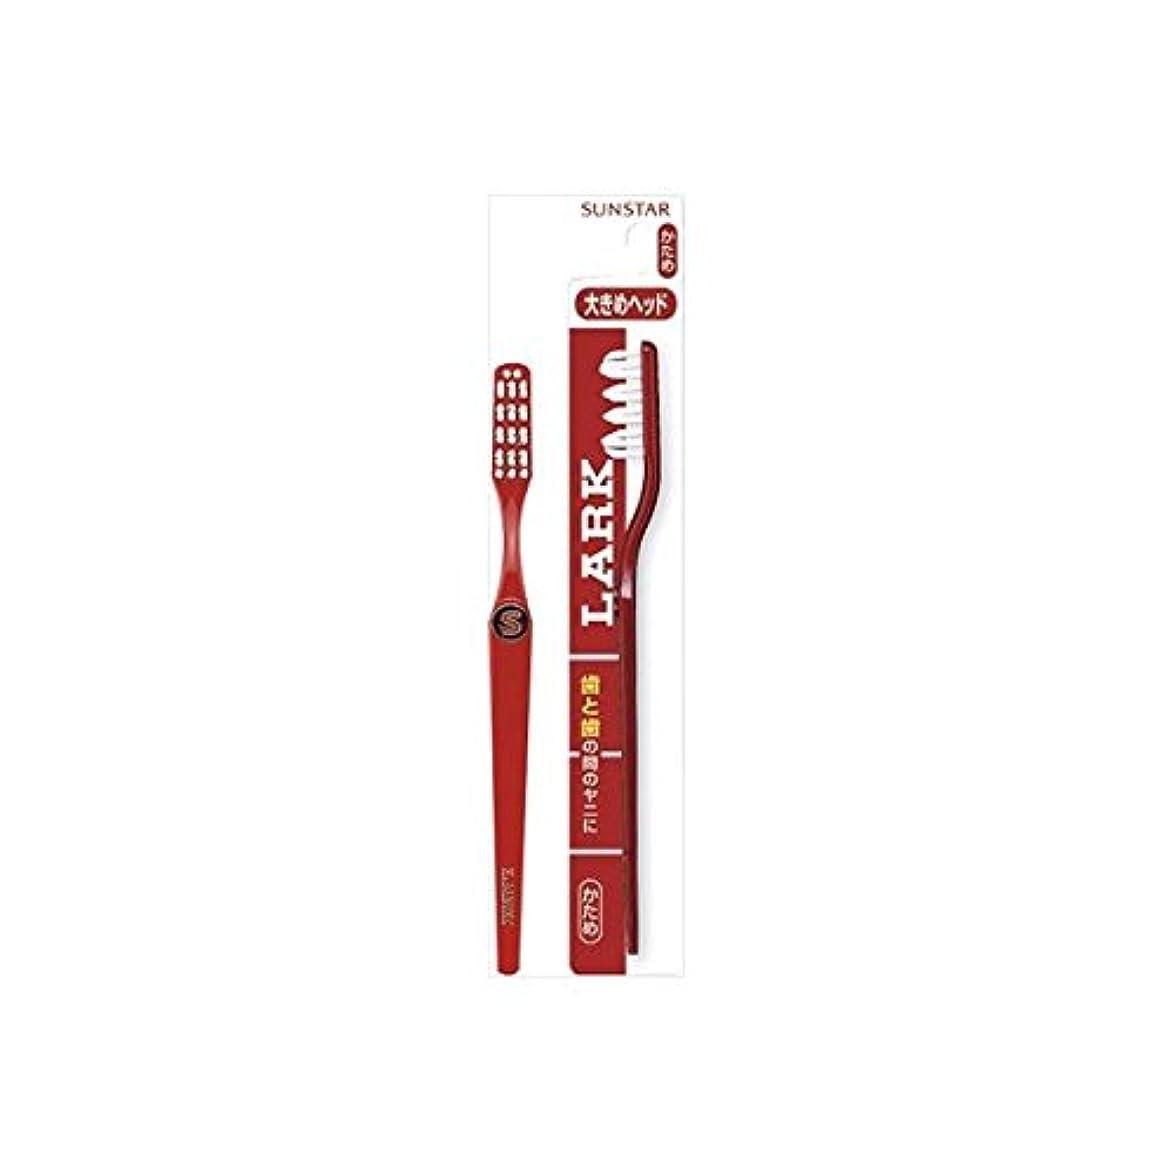 スタウト過度の判読できないサンスター ラーク 歯ブラシ レギュラーヘッド × 6 点セット